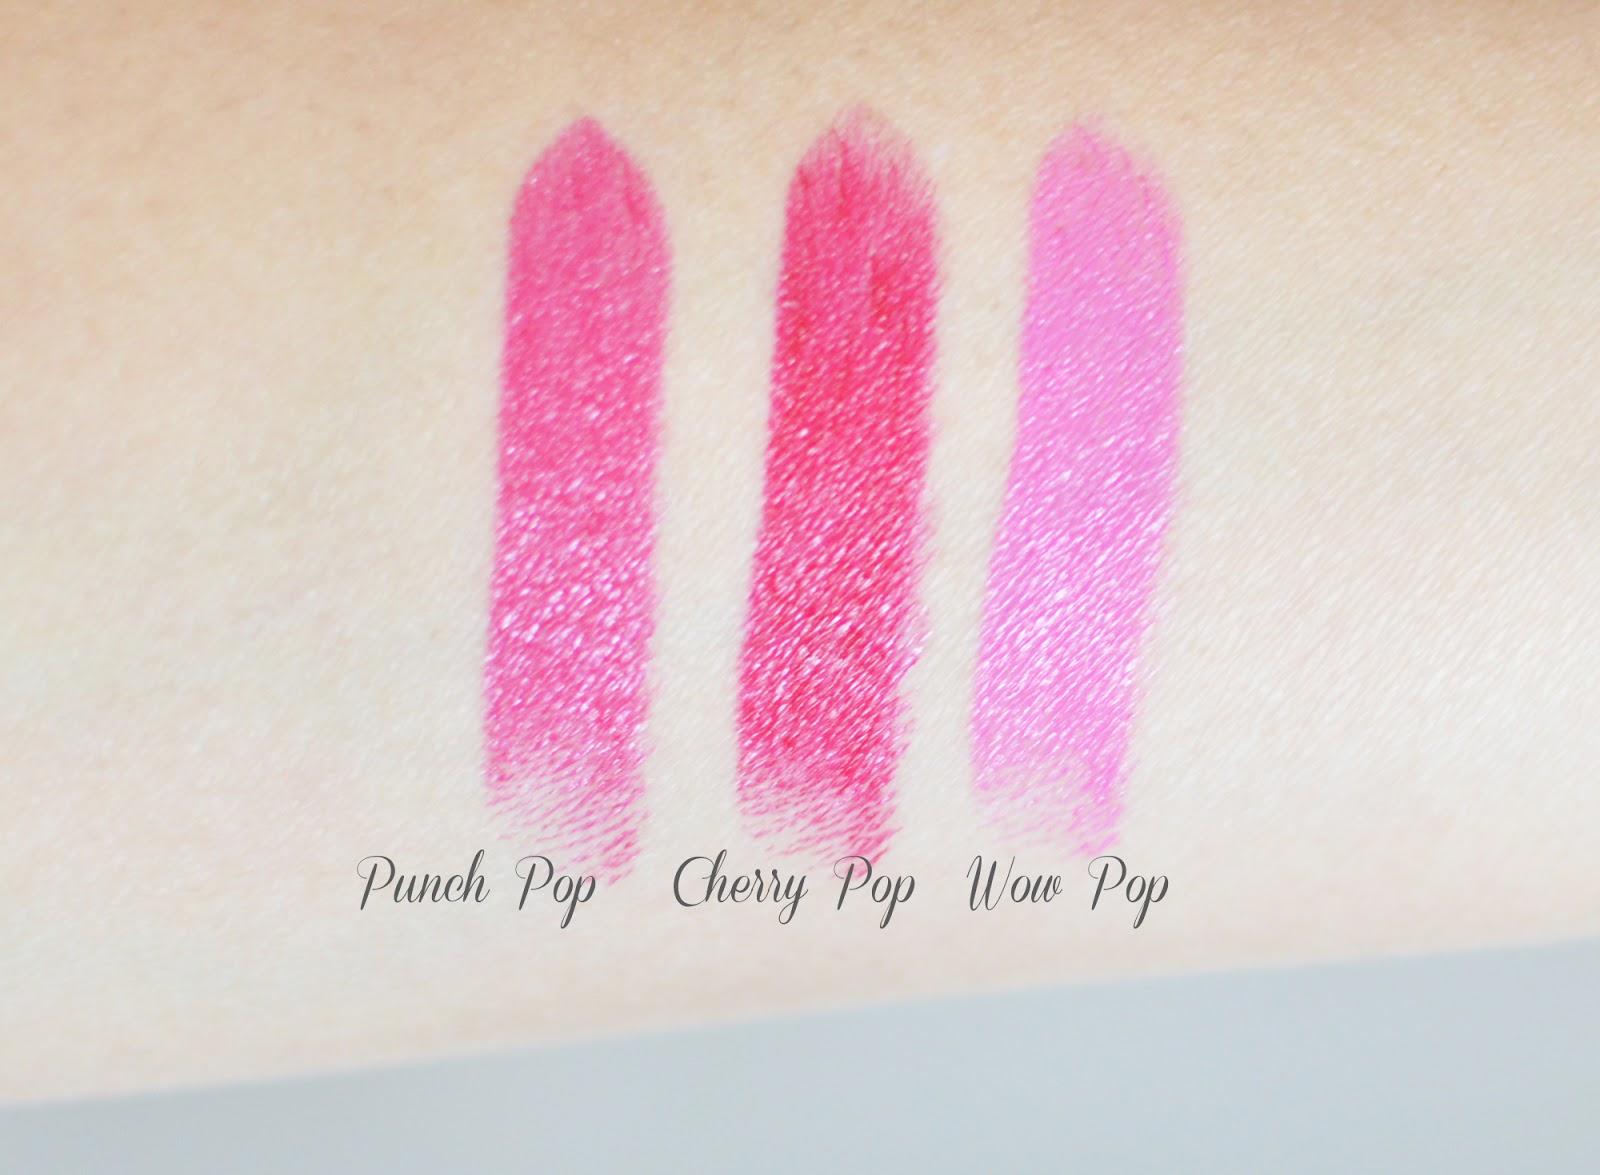 Punch Pop Clinique Punch Pop Cherry Pop